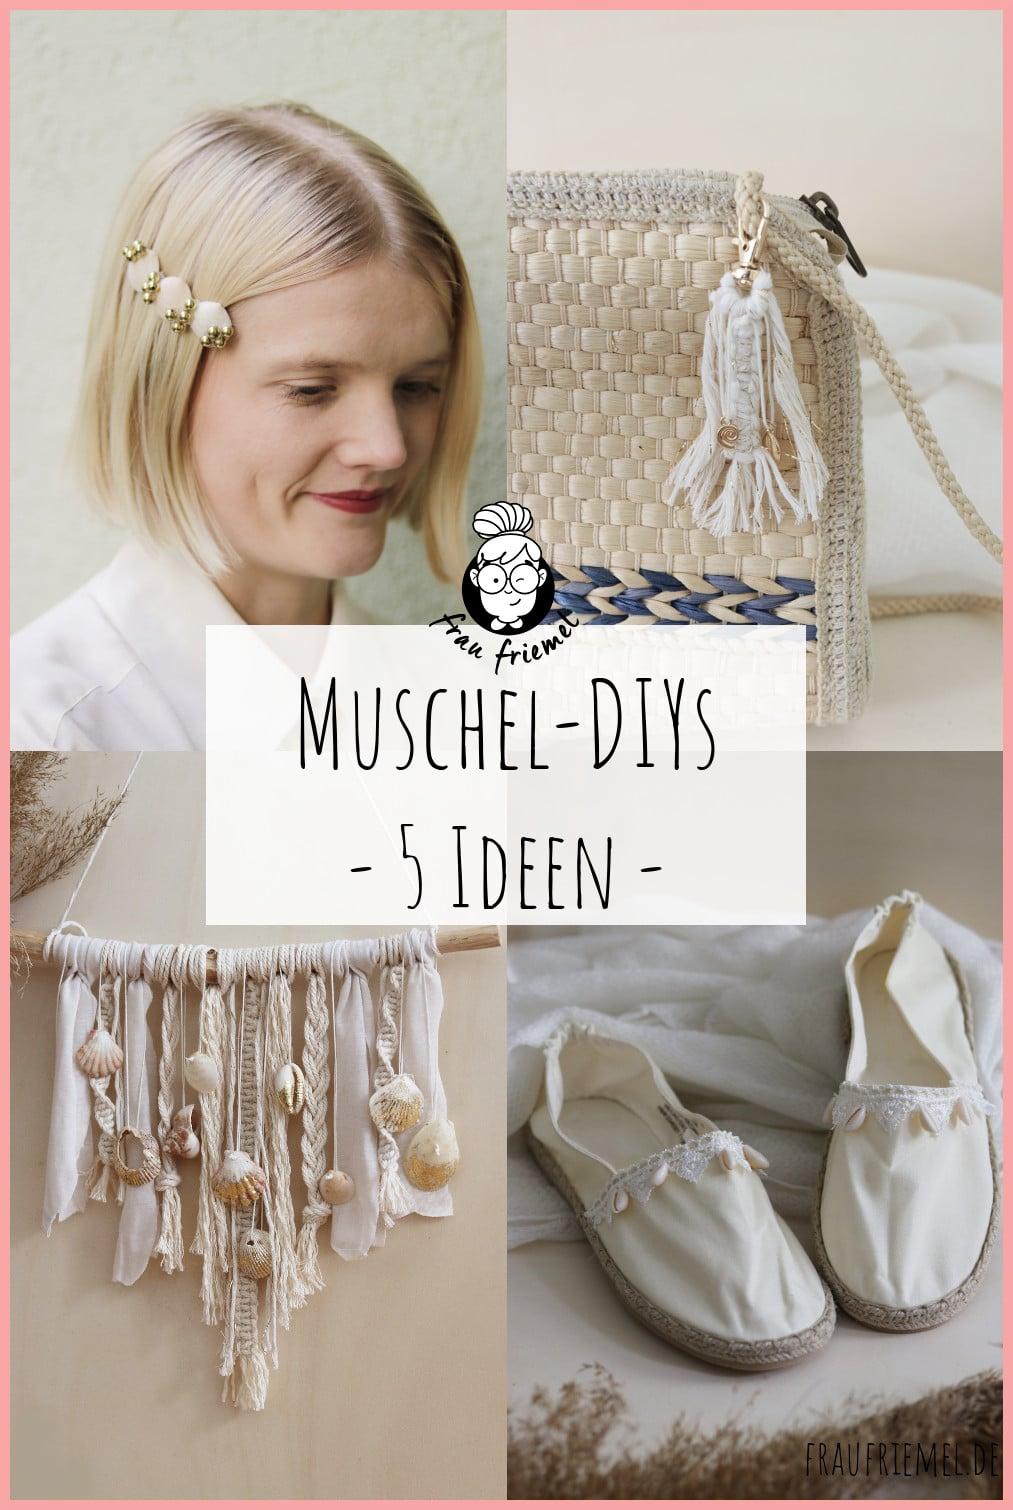 Basteln mit Muscheln auf Pinterest merken